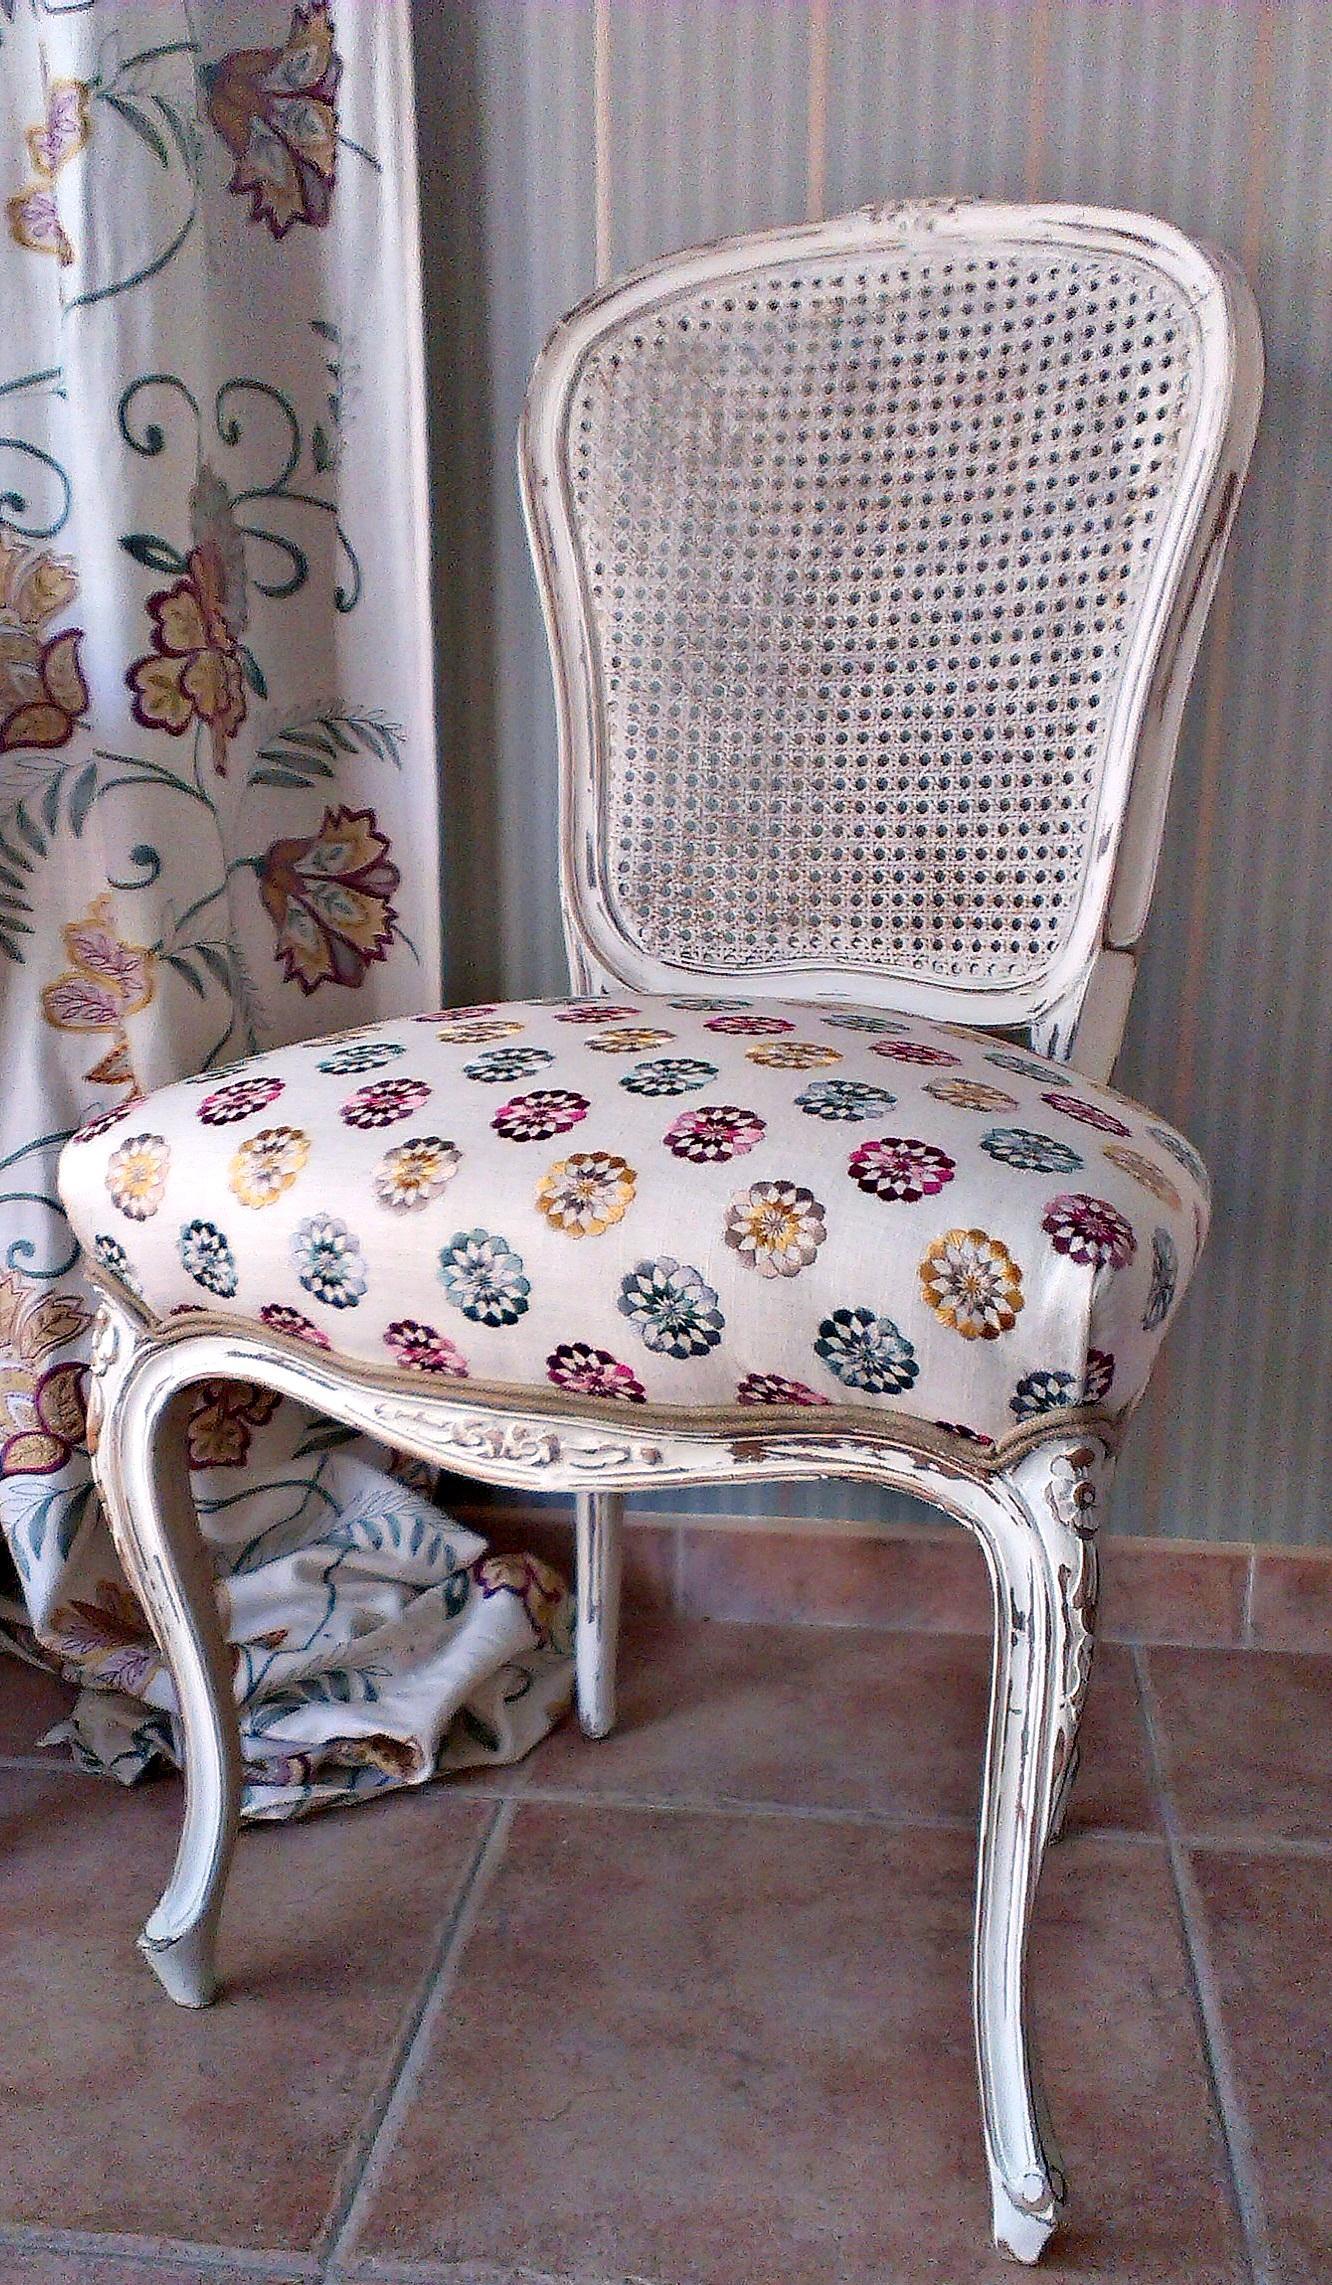 Sillas vintage estilo lu s xv tienda online de decoraci n y muebles personalizados - Sillas estilo vintage ...